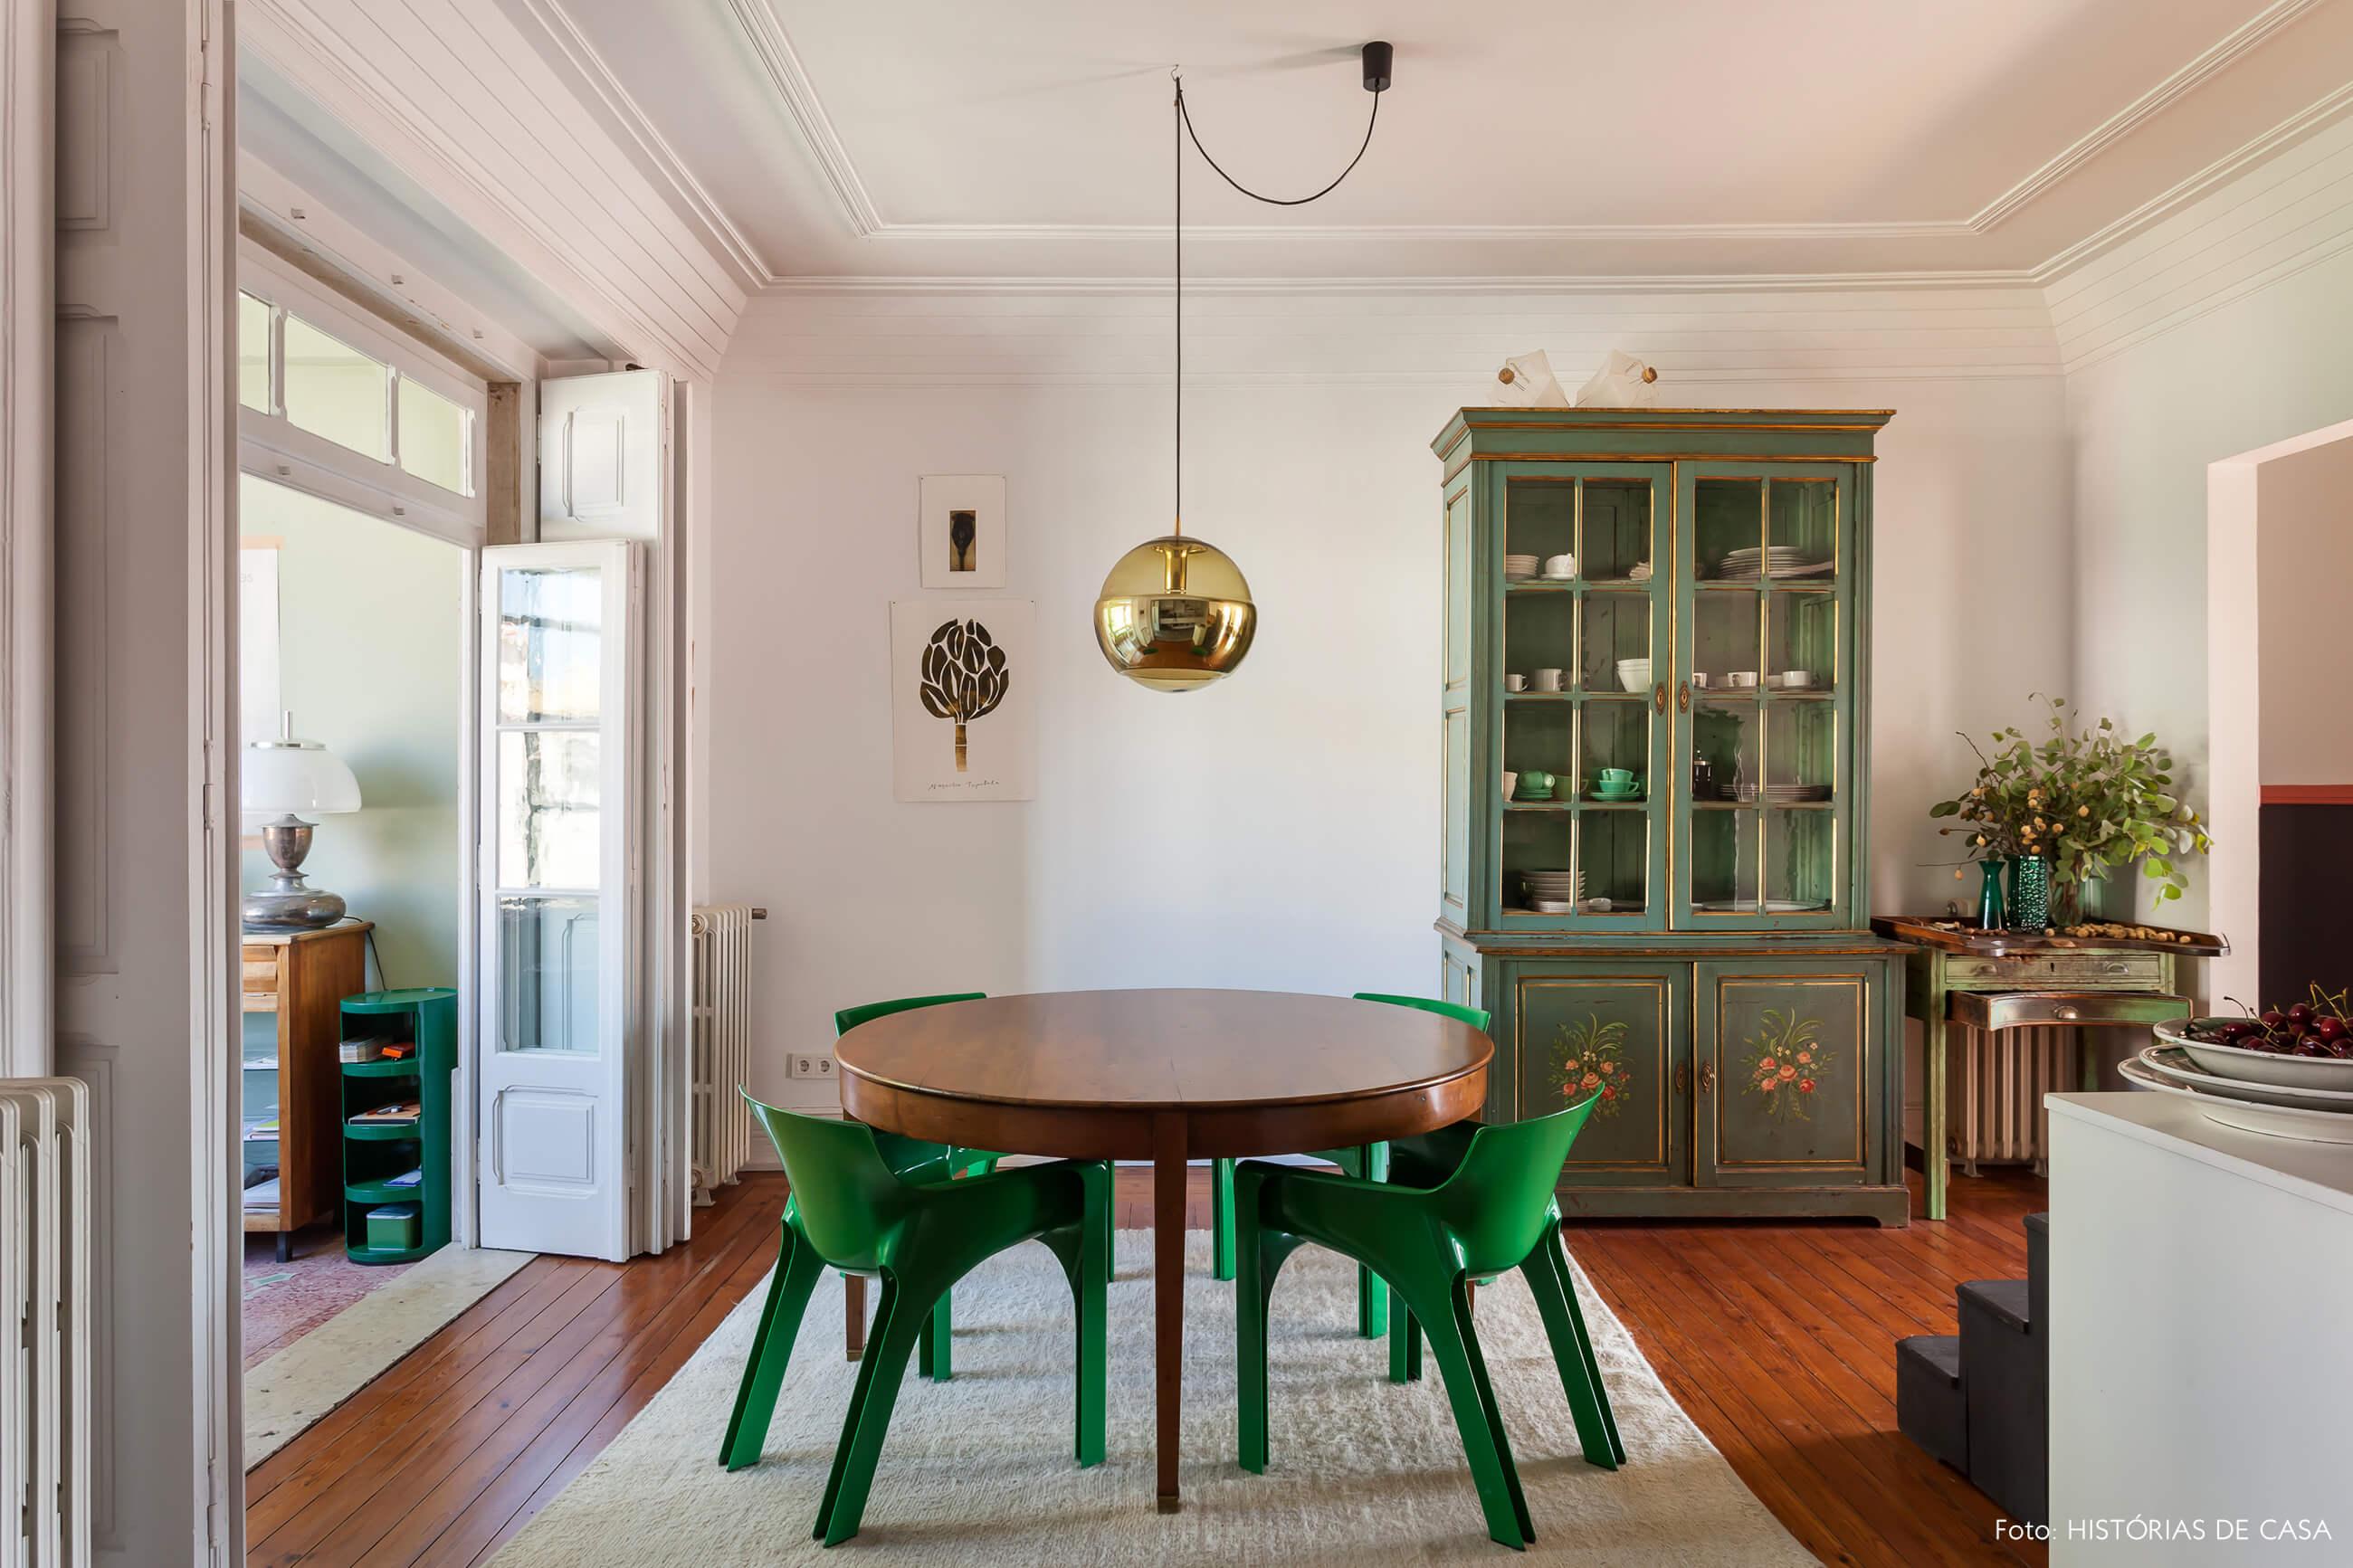 Decoração com cadeiras verdes e armário verde e luminária dourada